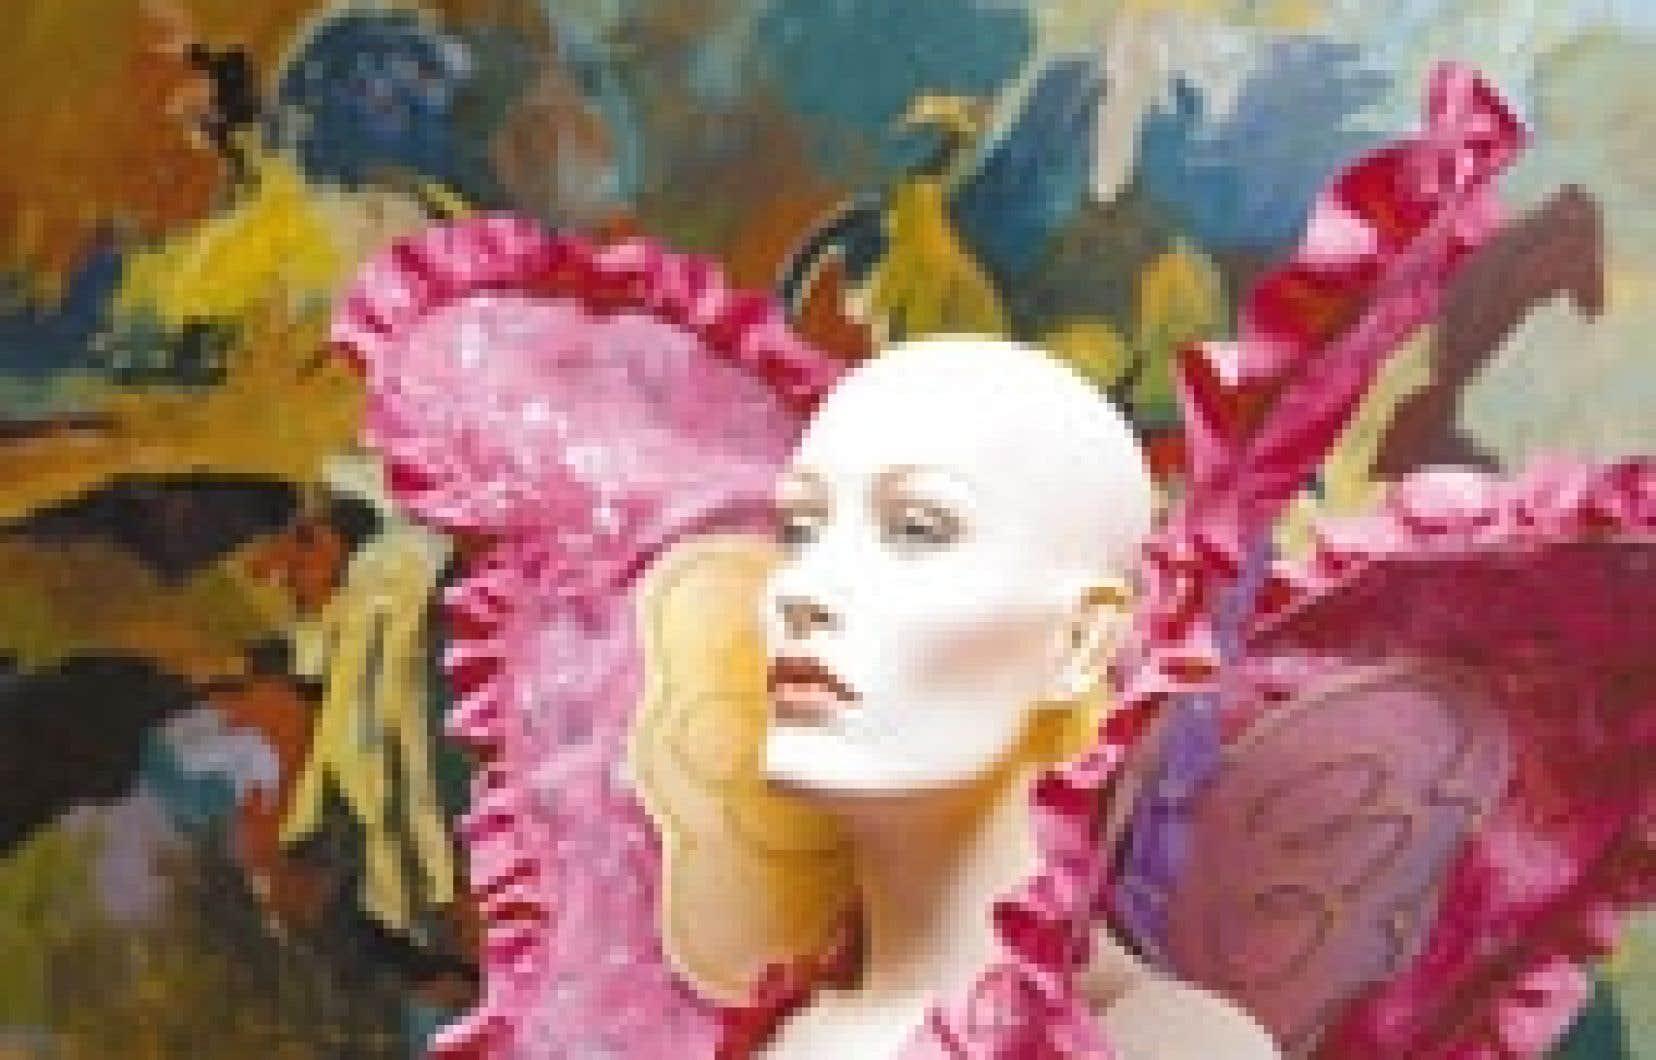 Oreilles-papillon, un costume conçu pour le personnage Joujou Velcro (Vincent Bolduc) dans la télésérie Cover Girl.